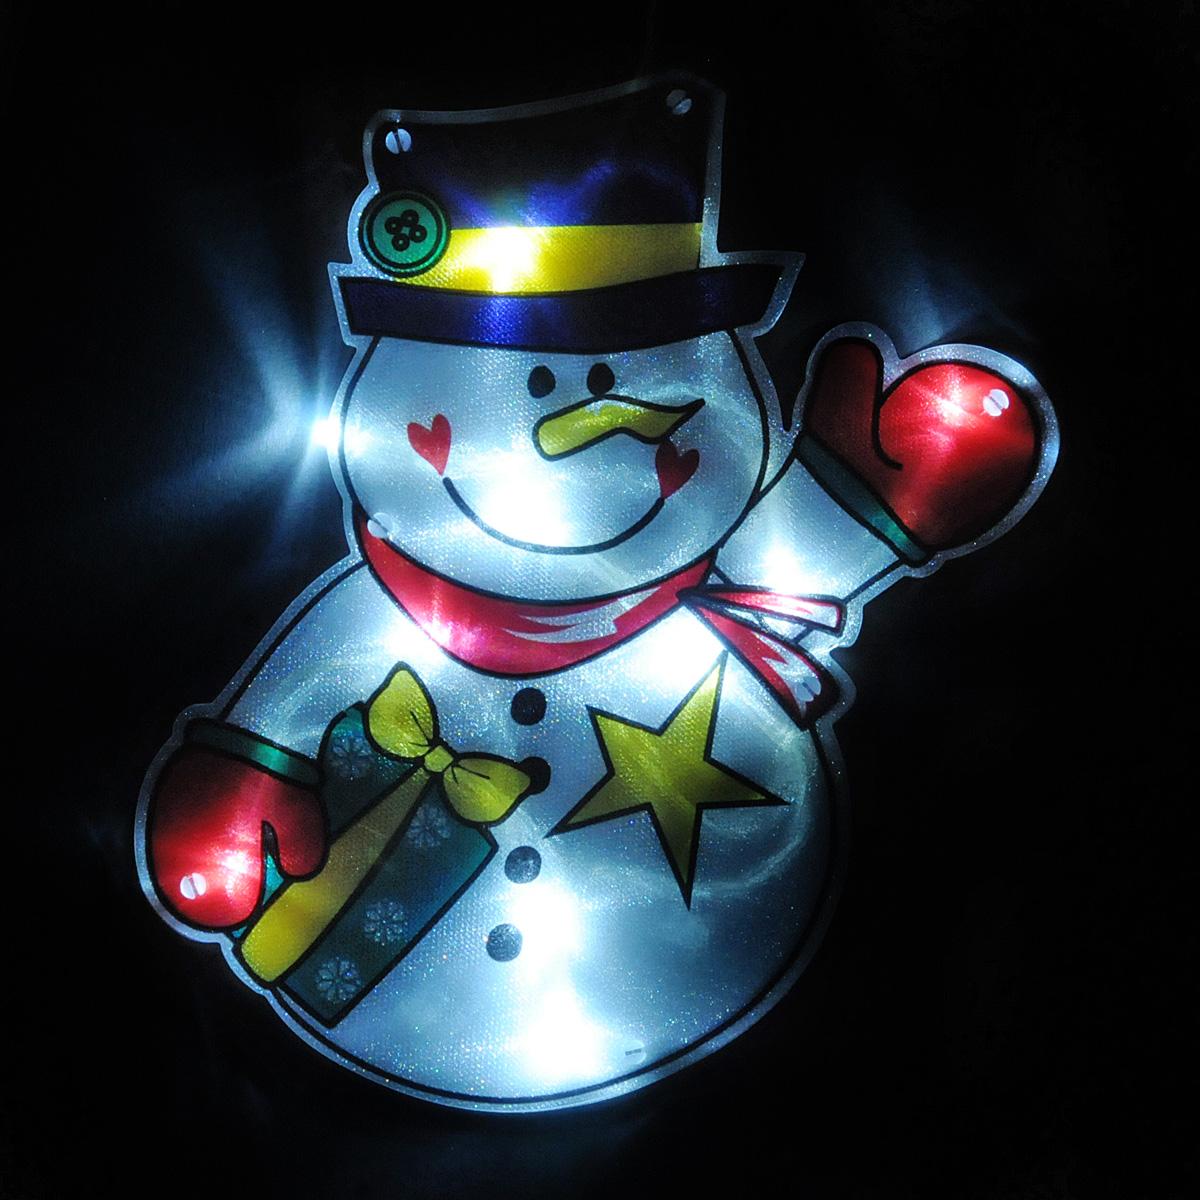 Светильник Lunten Ranta Снеговик, 17 см х 21 см235-234Светильник Lunten Ranta Снеговик выполнен из высококачественного пластика. Особенностью данной фигурки является наличие светодиодного устройства, благодаря которому украшение светится. Светильник оснащен силиконовой присоской для крепления к стеклу.Такой оригинальный светильник оформит интерьер вашего дома или офиса в преддверии Нового года. Оригинальный дизайн и красочное исполнение создадут праздничное настроение. Кроме того, это отличный вариант подарка для ваших близких и друзей.УВАЖАЕМЫЕ КЛИЕНТЫ!Светильник работает от 3-х батареек типа ААА. Батарейки не входят в комплект.